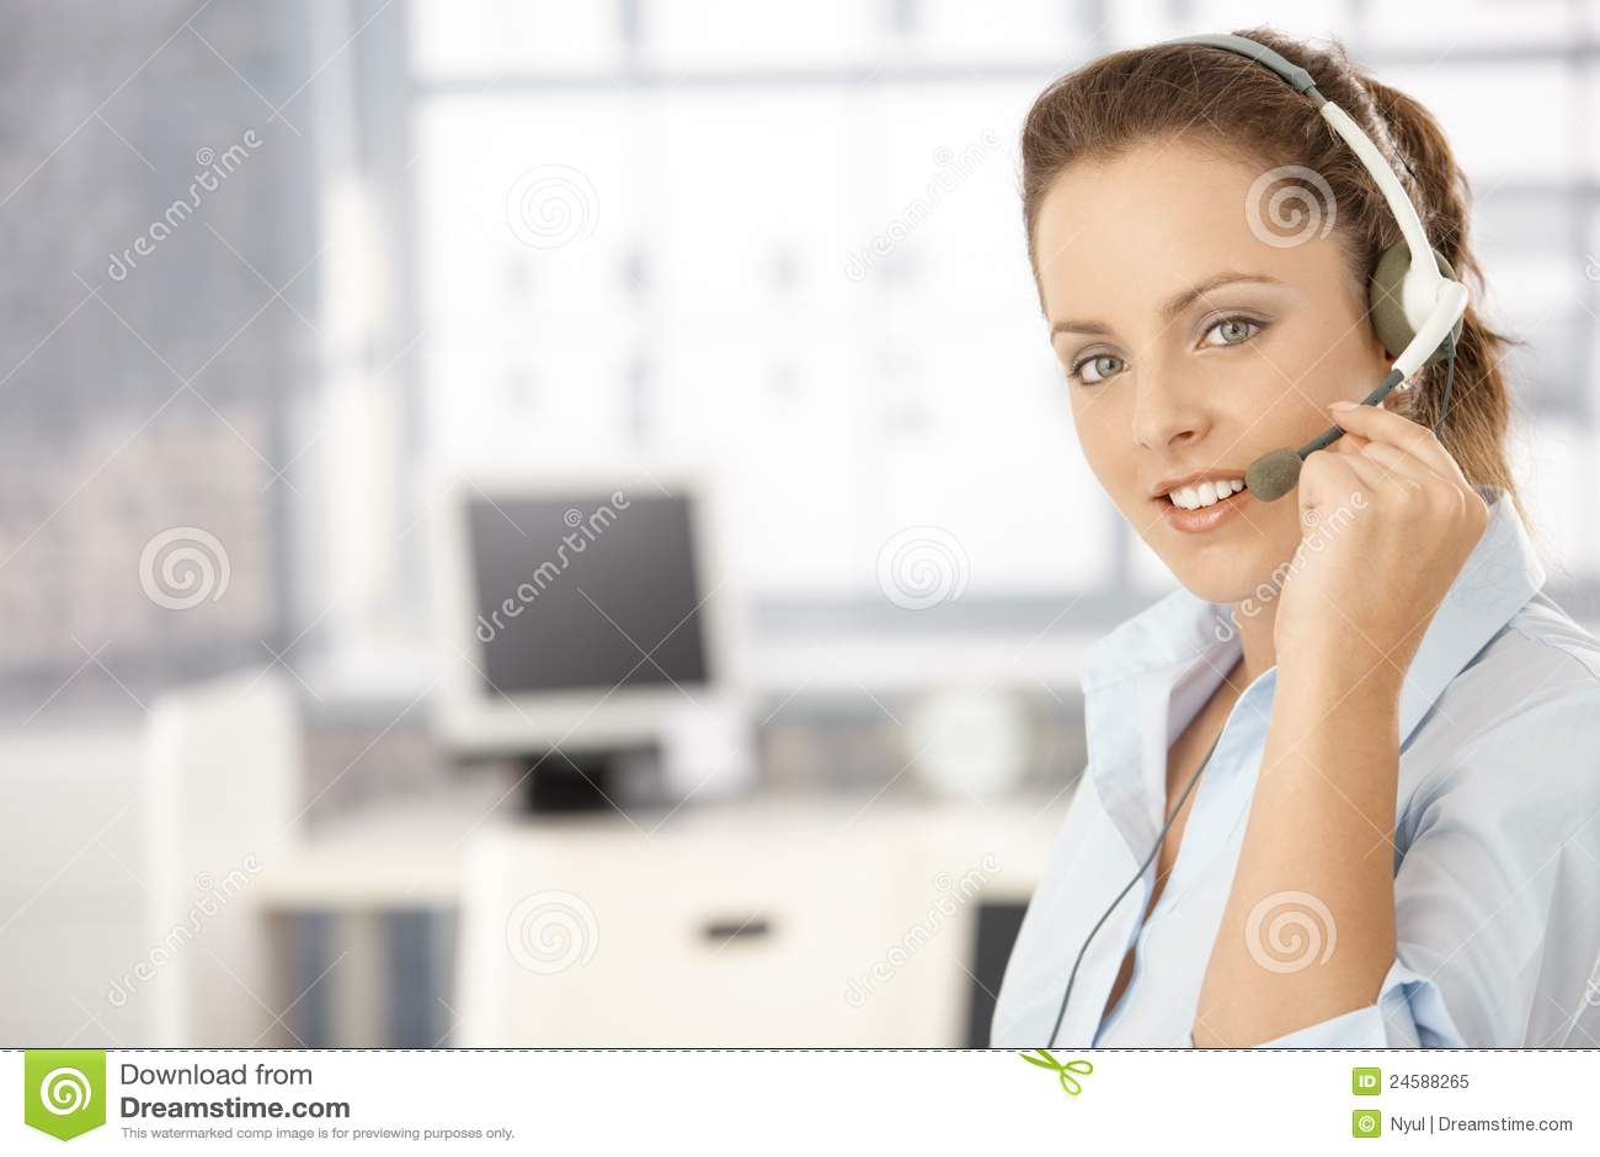 Portrait des attraktiven Mädchens, das Kopfhörer verwendet